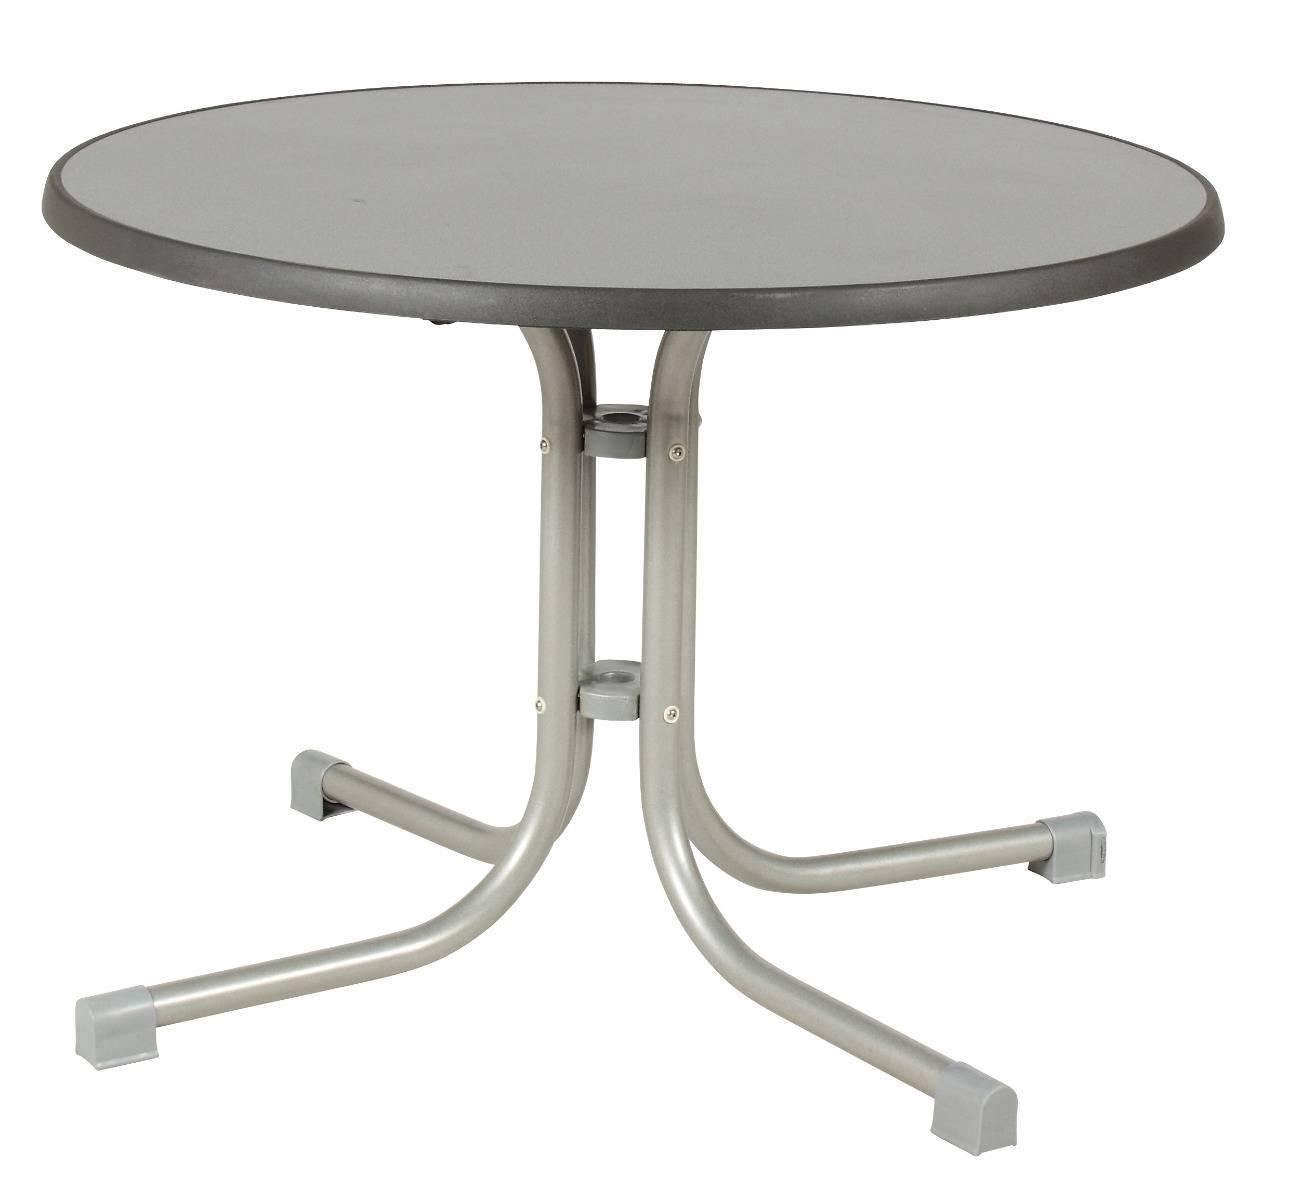 acamp 56671 Tisch Piazza 100 cm Durchmesser platin Gestell puntinella Tischplatte 72 cm hoch